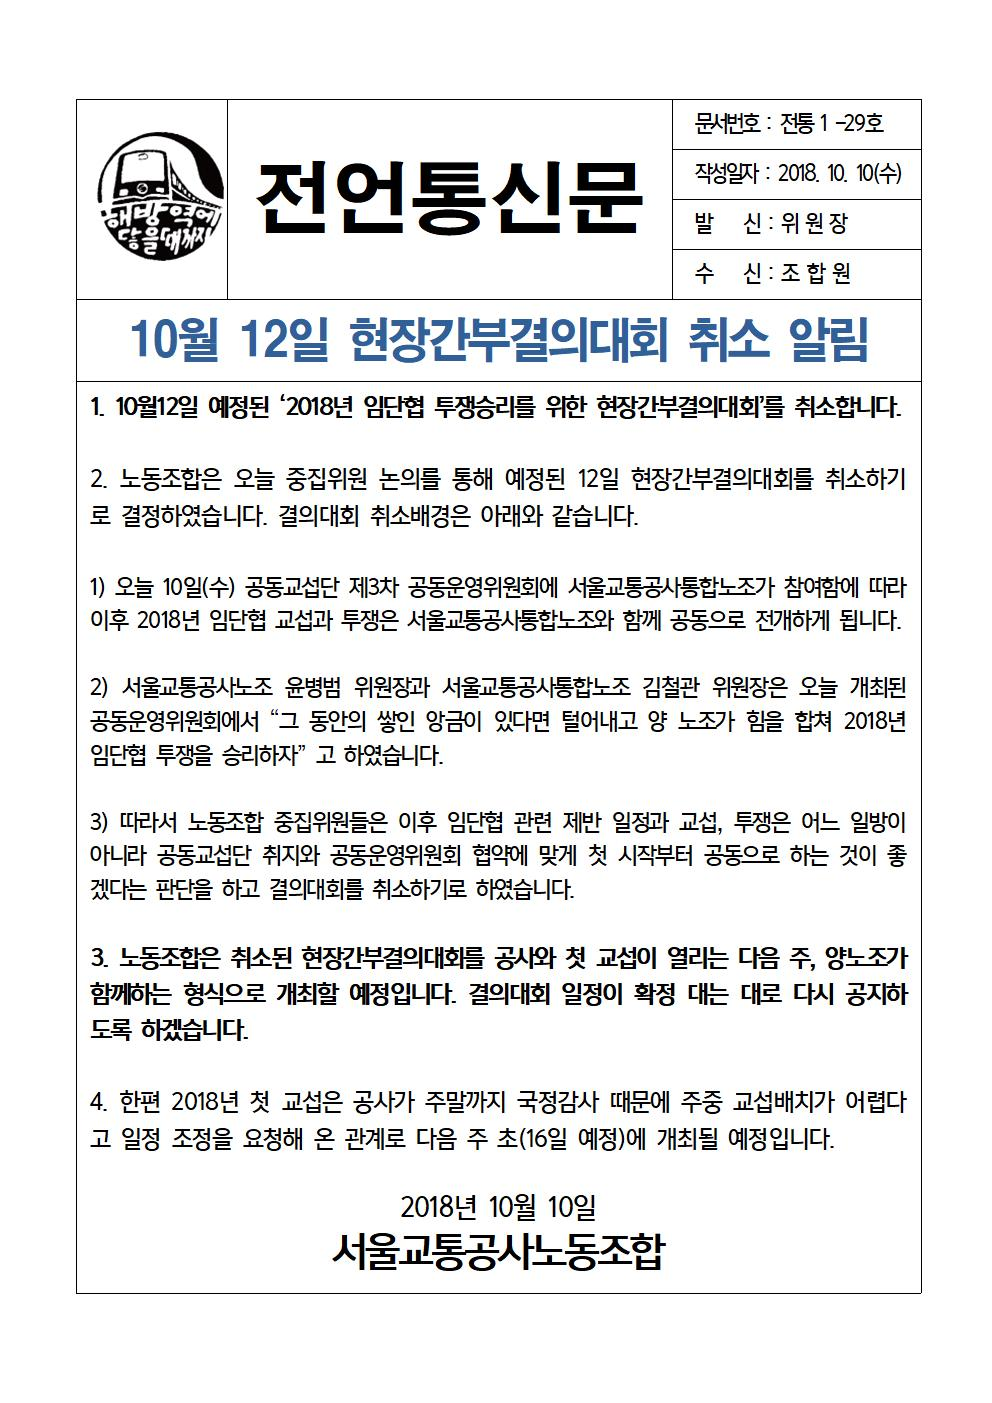 전언통신문1-29호(결의대회 취소)001 (1).jpg